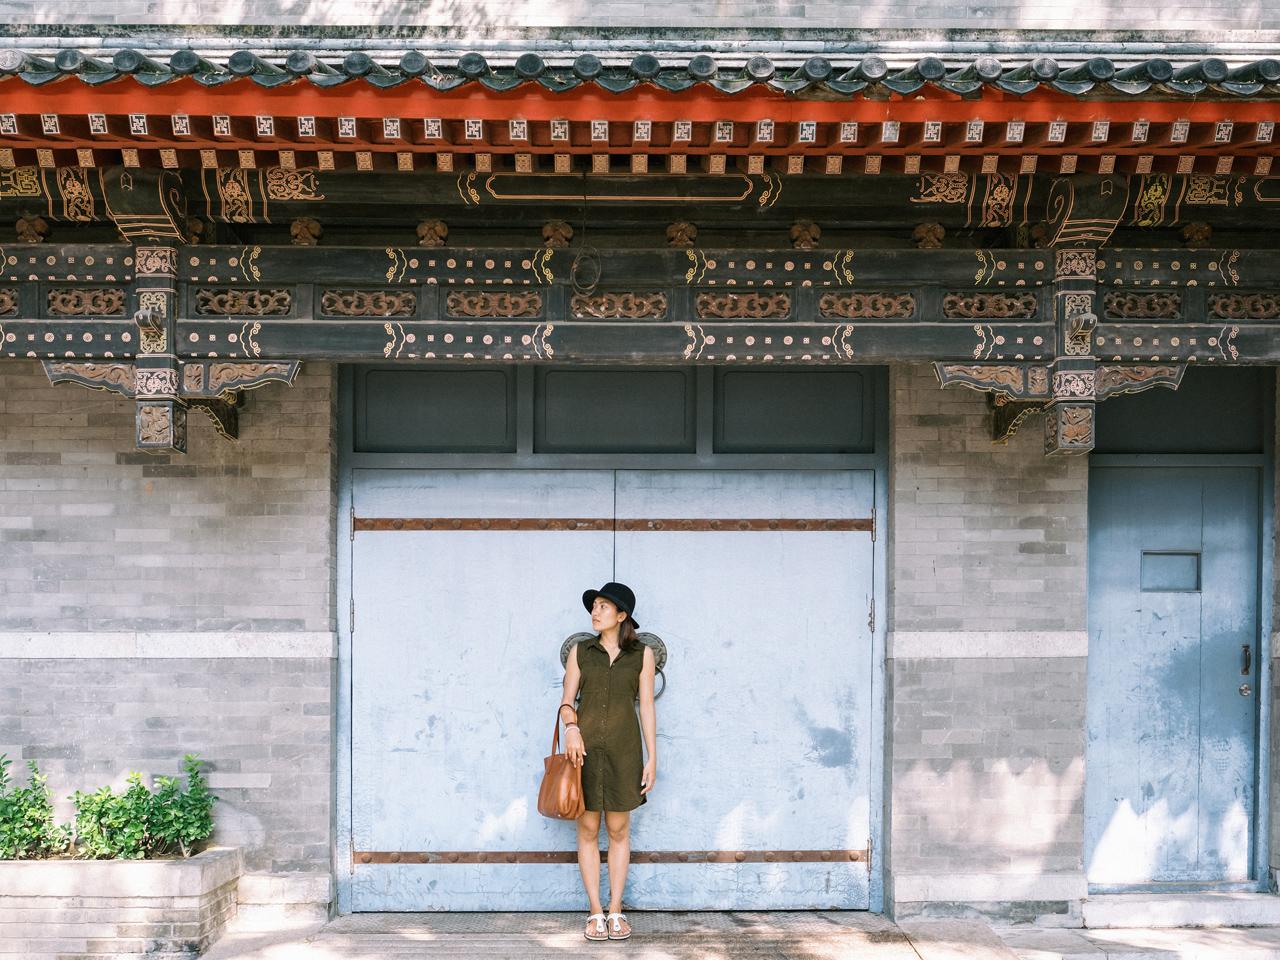 China Trip 2016 - Beijing & Shanghai 37